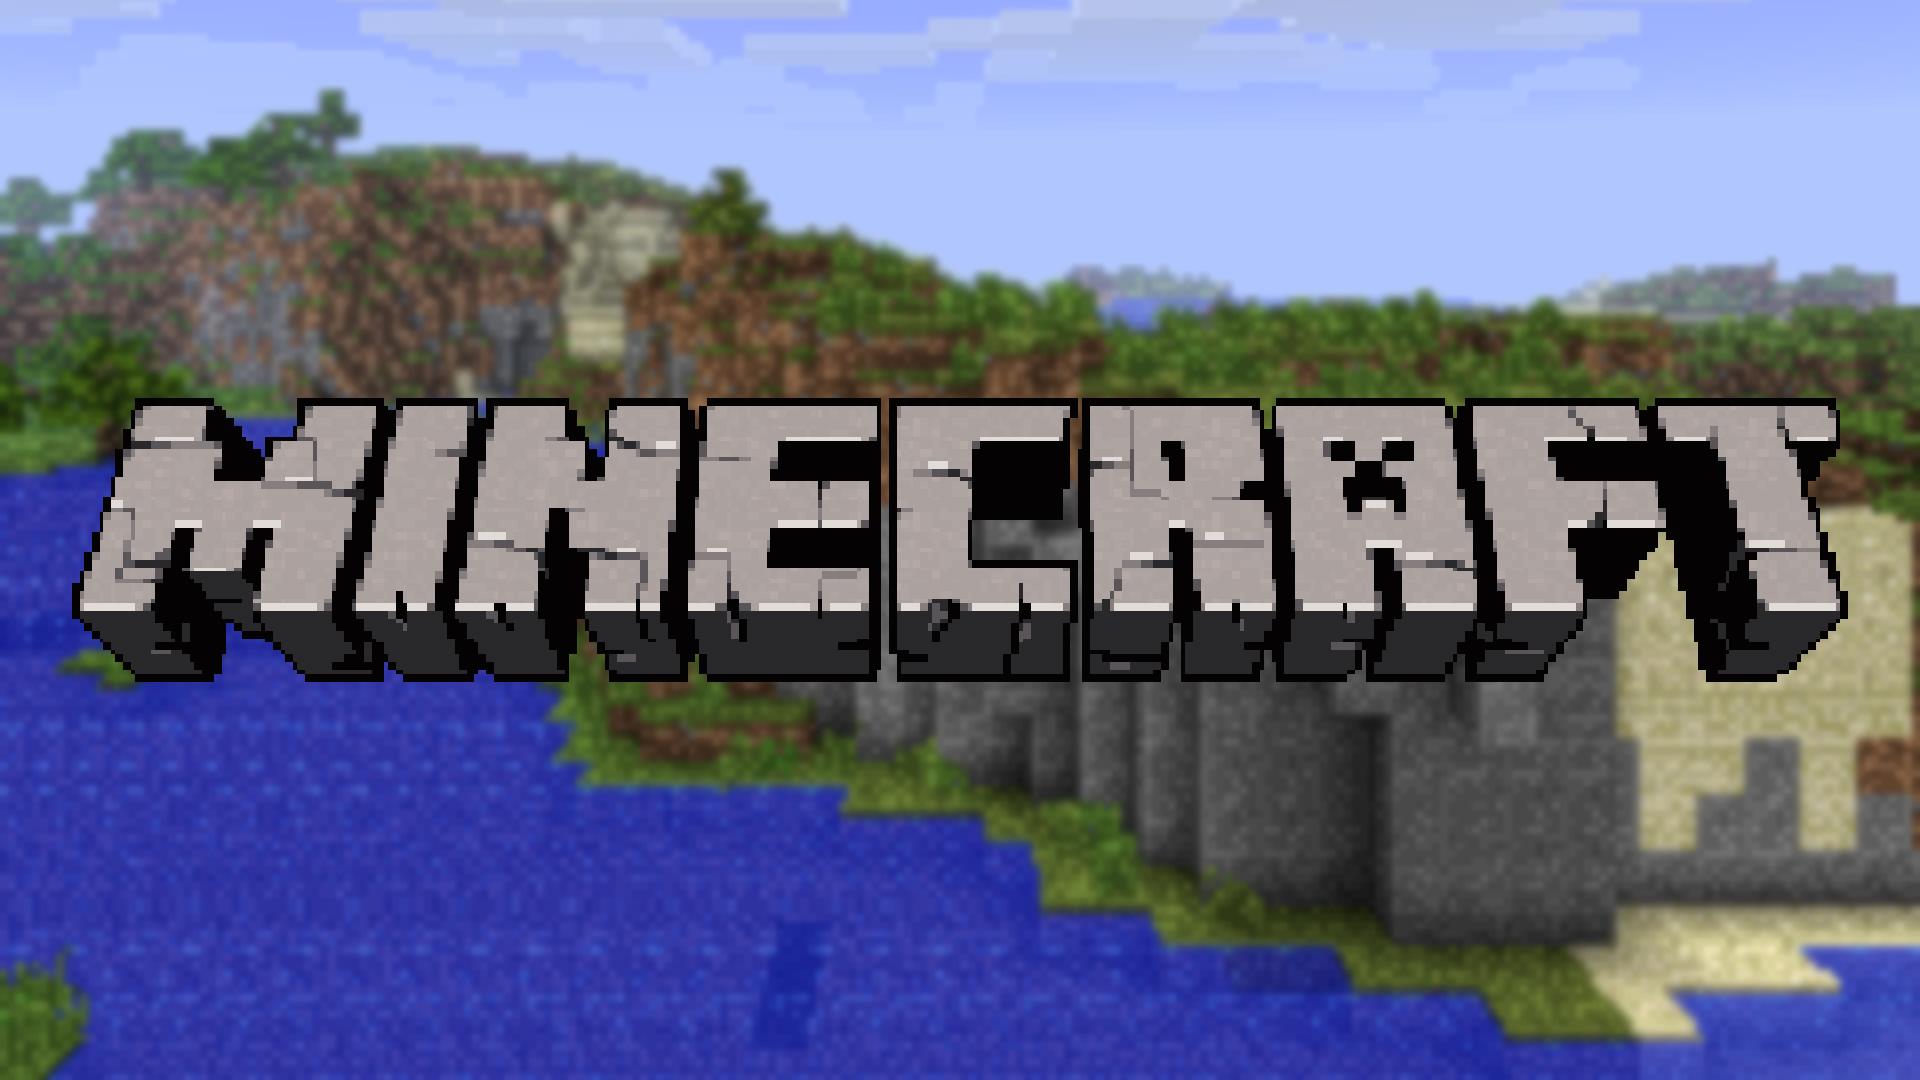 Fichier:Minecraft.jpg